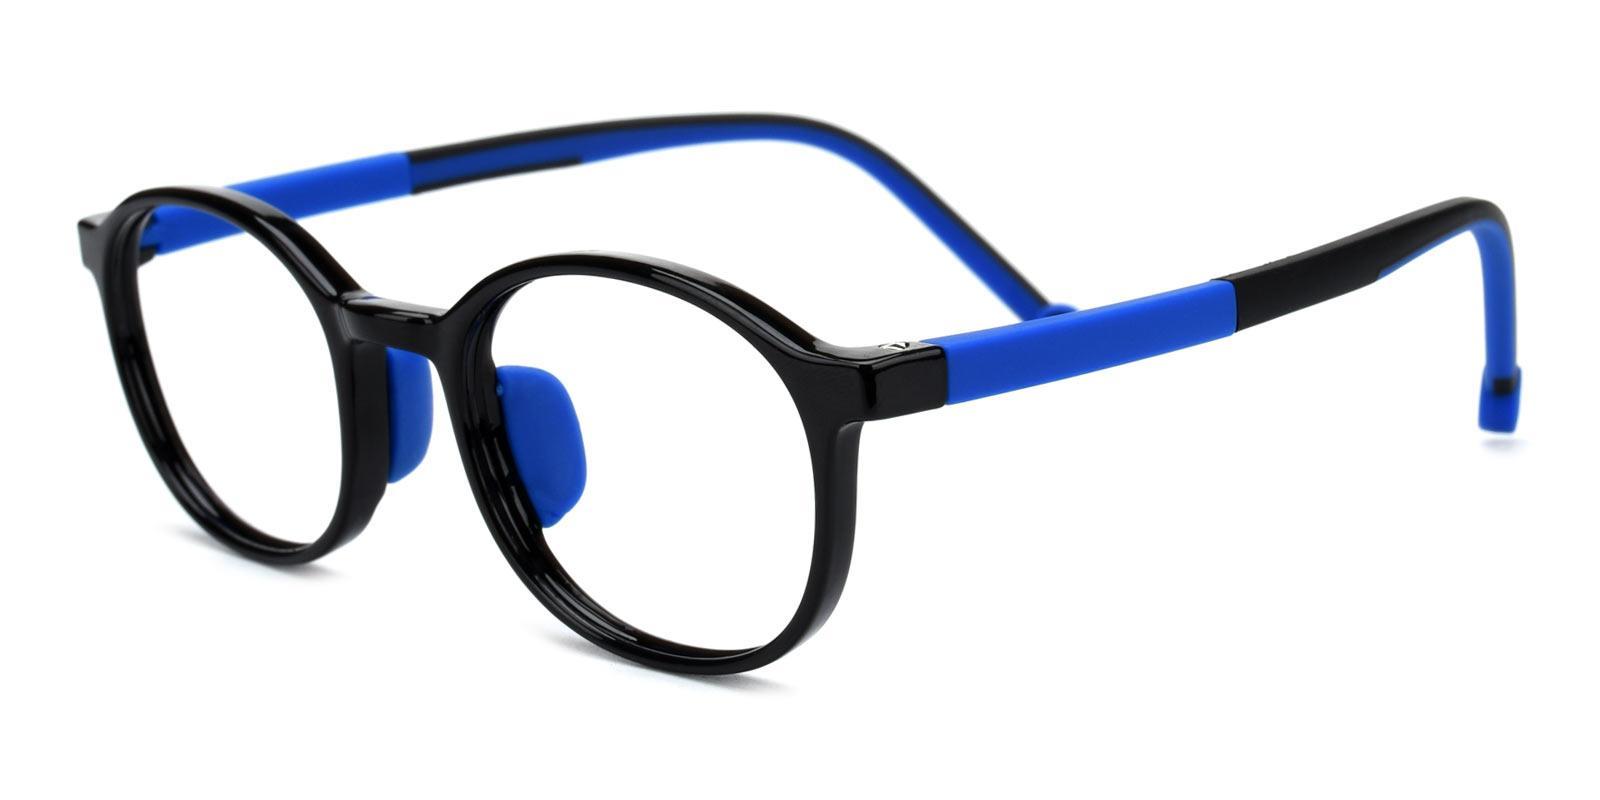 Glen-Blue-Oval-Plastic-Eyeglasses-detail